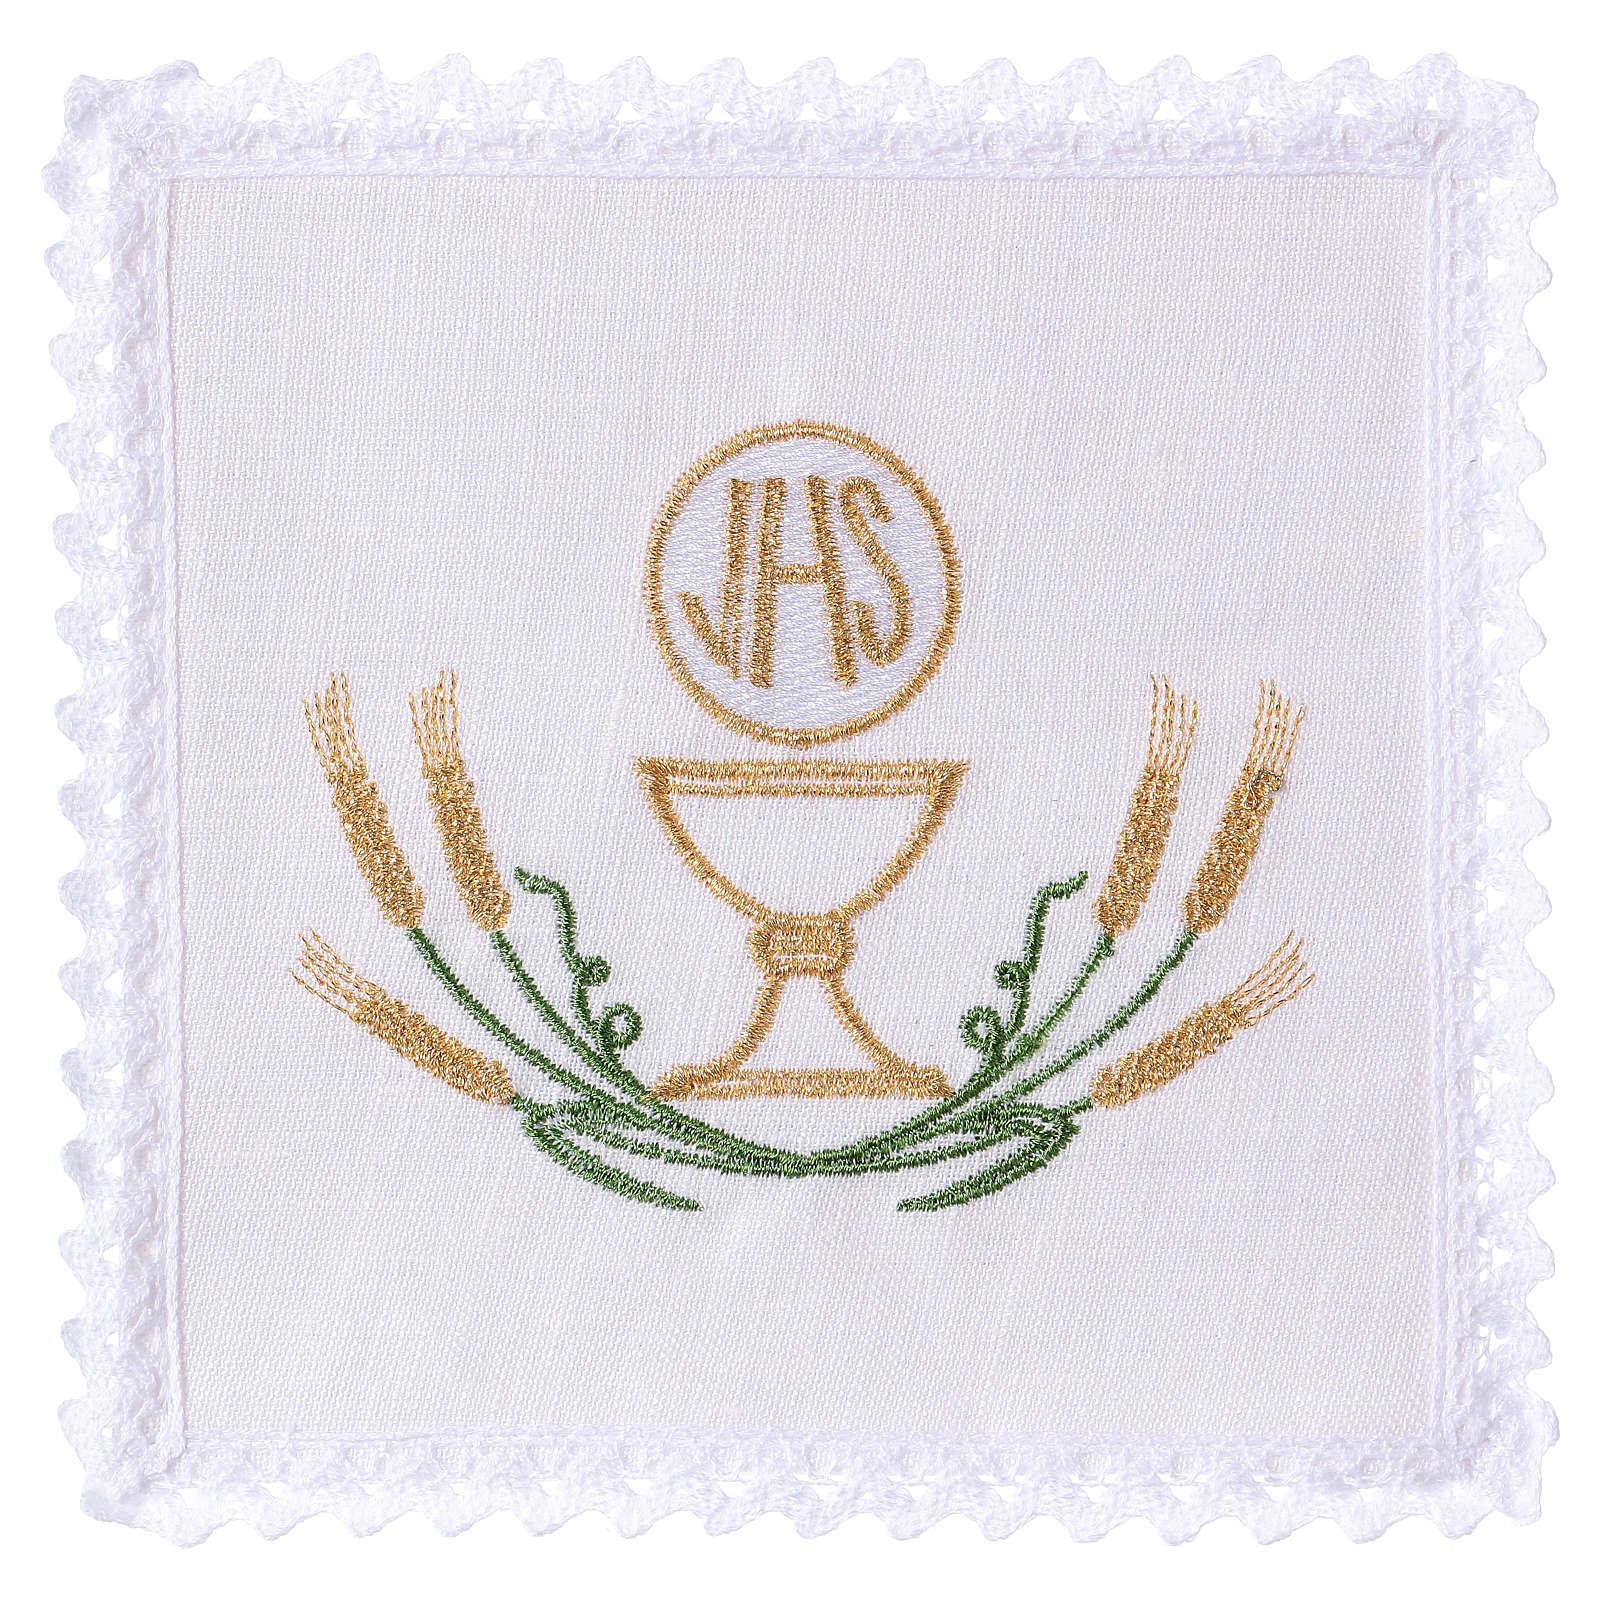 Servizio da altare lino spighe stilizzate giallo oro verdi calice JHS 4